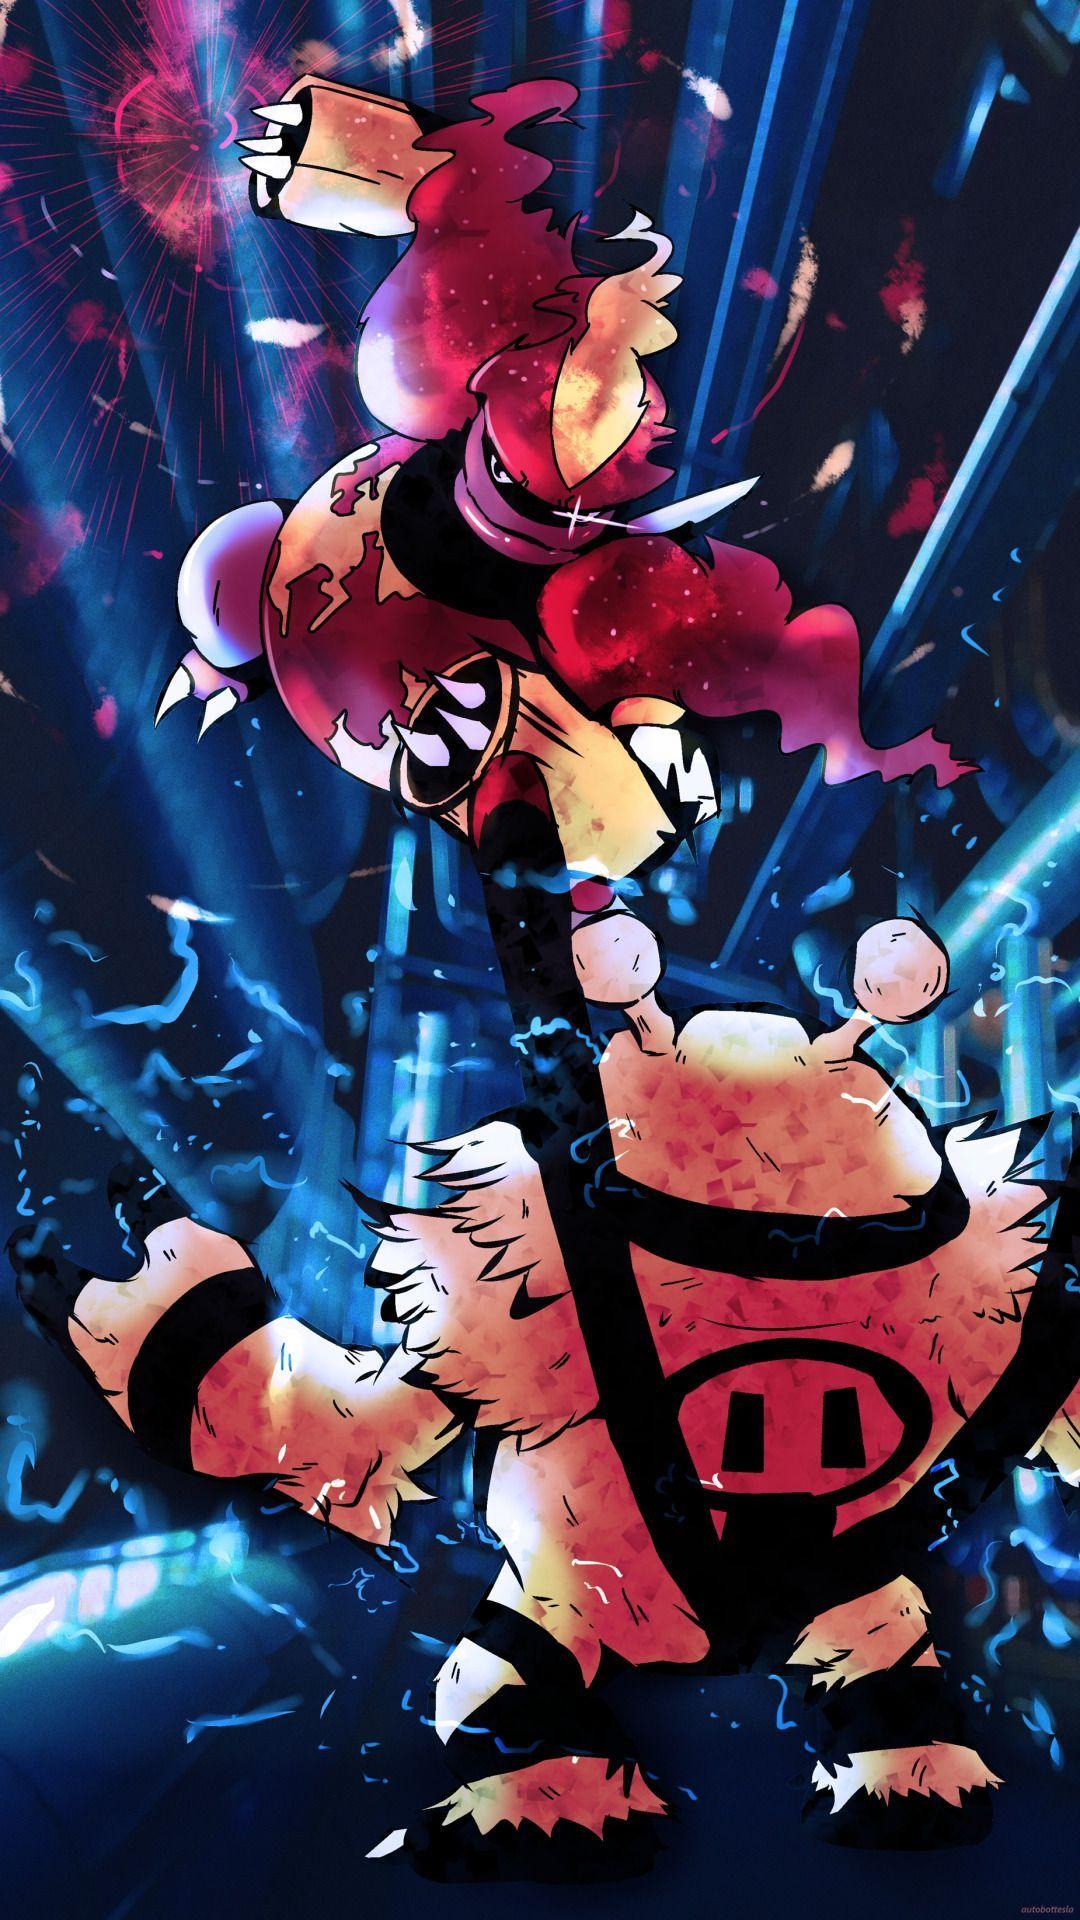 Magmortar & Electivire | Pokémon | Pinterest | Manga games, Pokémon …